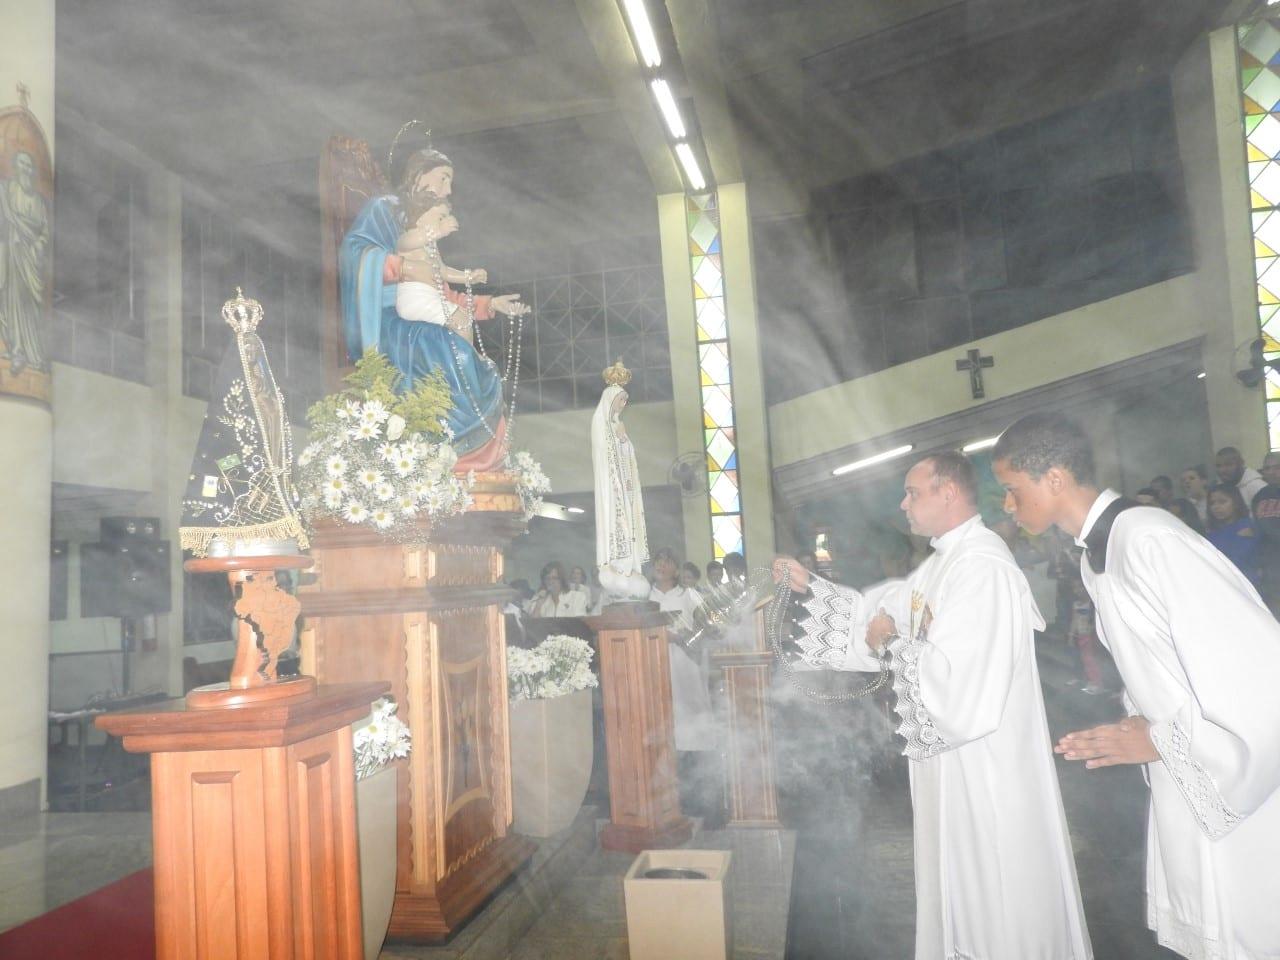 Festa em honra a Maria Senhora do Rosário em Cataguases